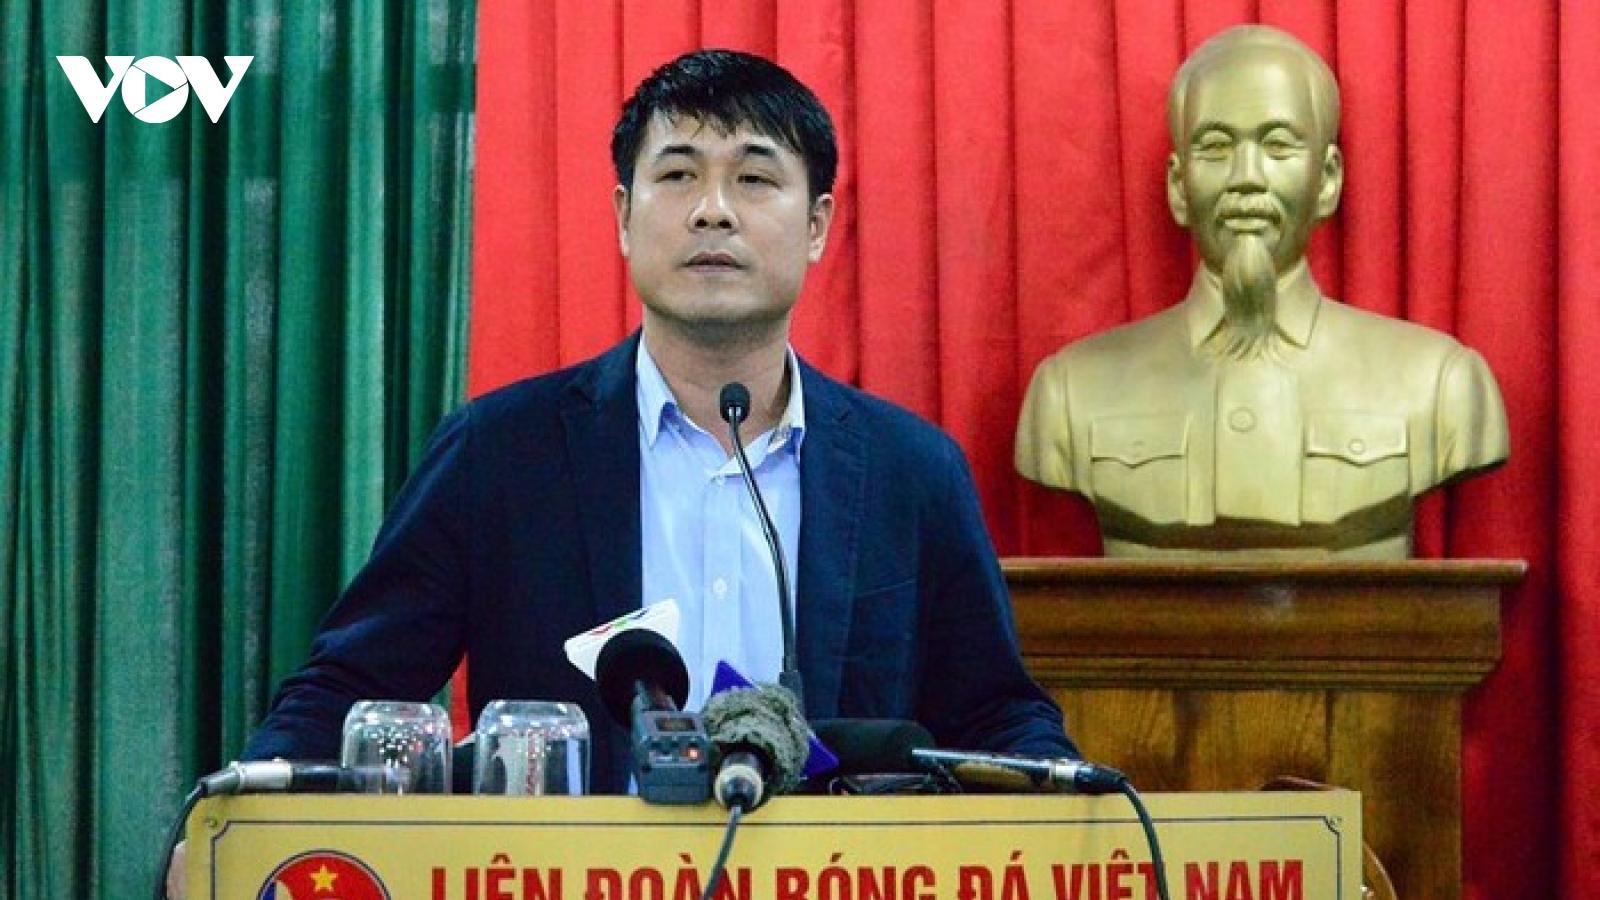 Ngày này năm xưa: HLV Hữu Thắng chính thức dẫn dắt ĐT Việt Nam